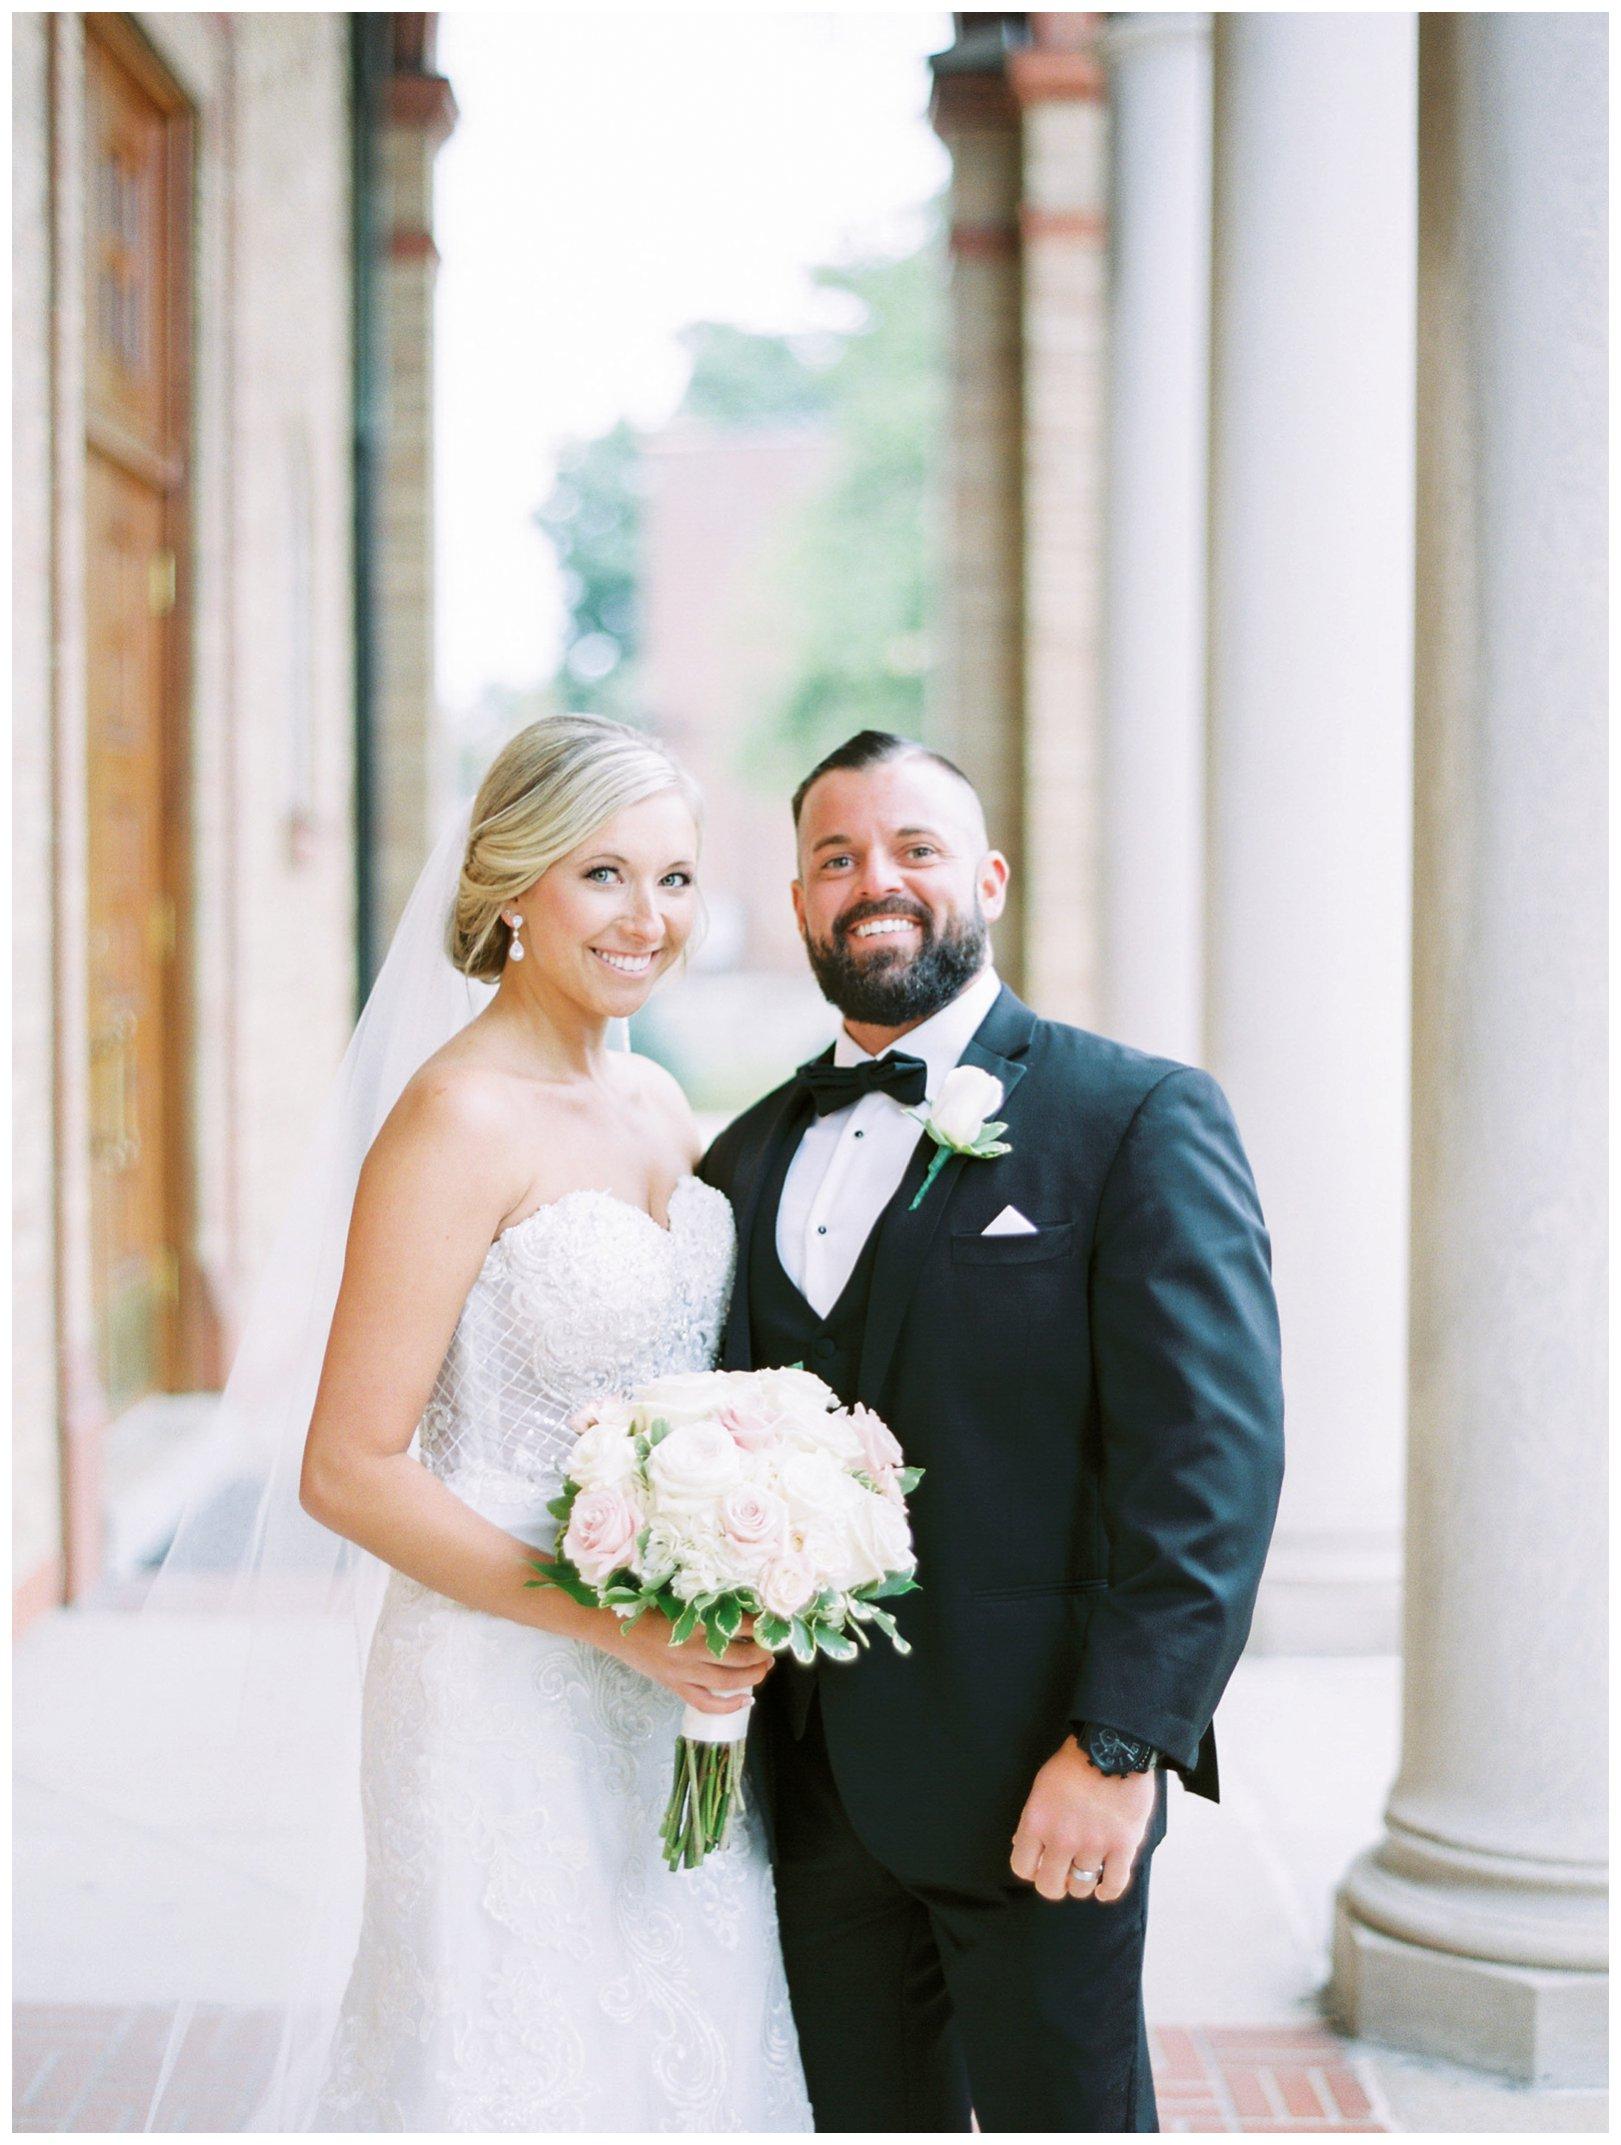 lauren muckler photography_fine art film wedding photography_st louis_photography_2147.jpg